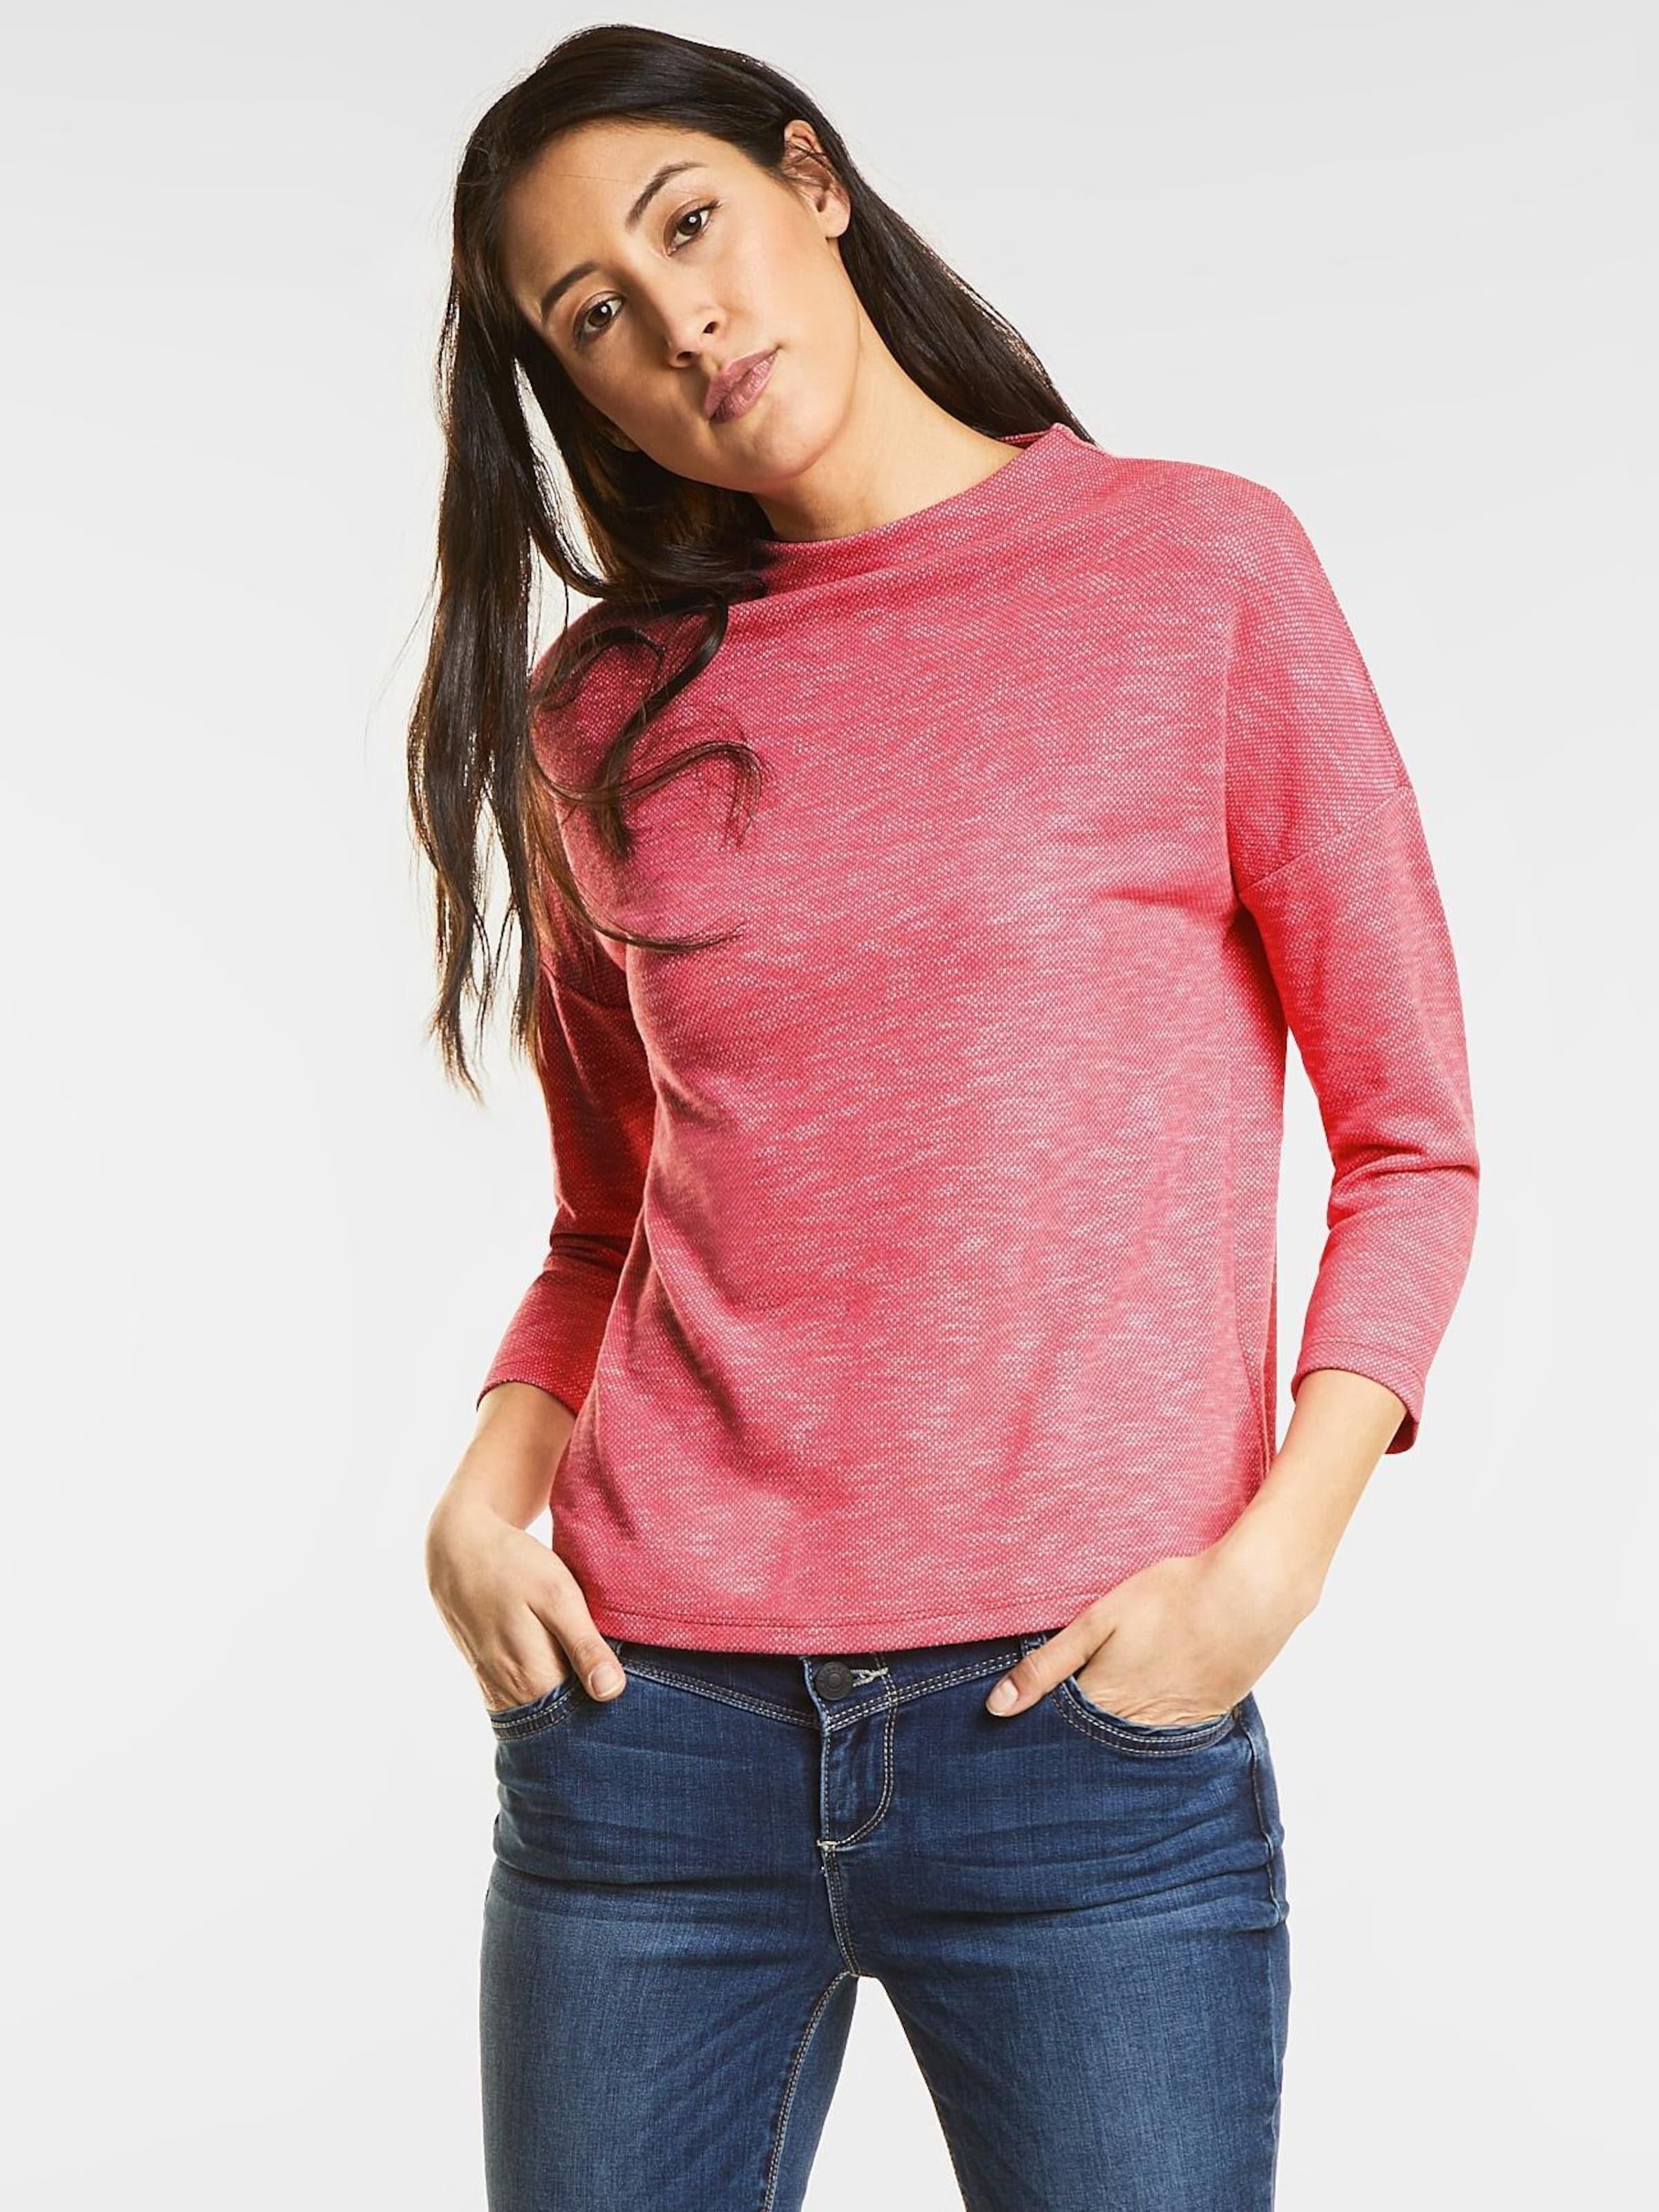 STREET ONE Softes Turtleneck Shirt Billig Verkauf Für Schön Billige Truhe Bilder 7yWE0vpdY